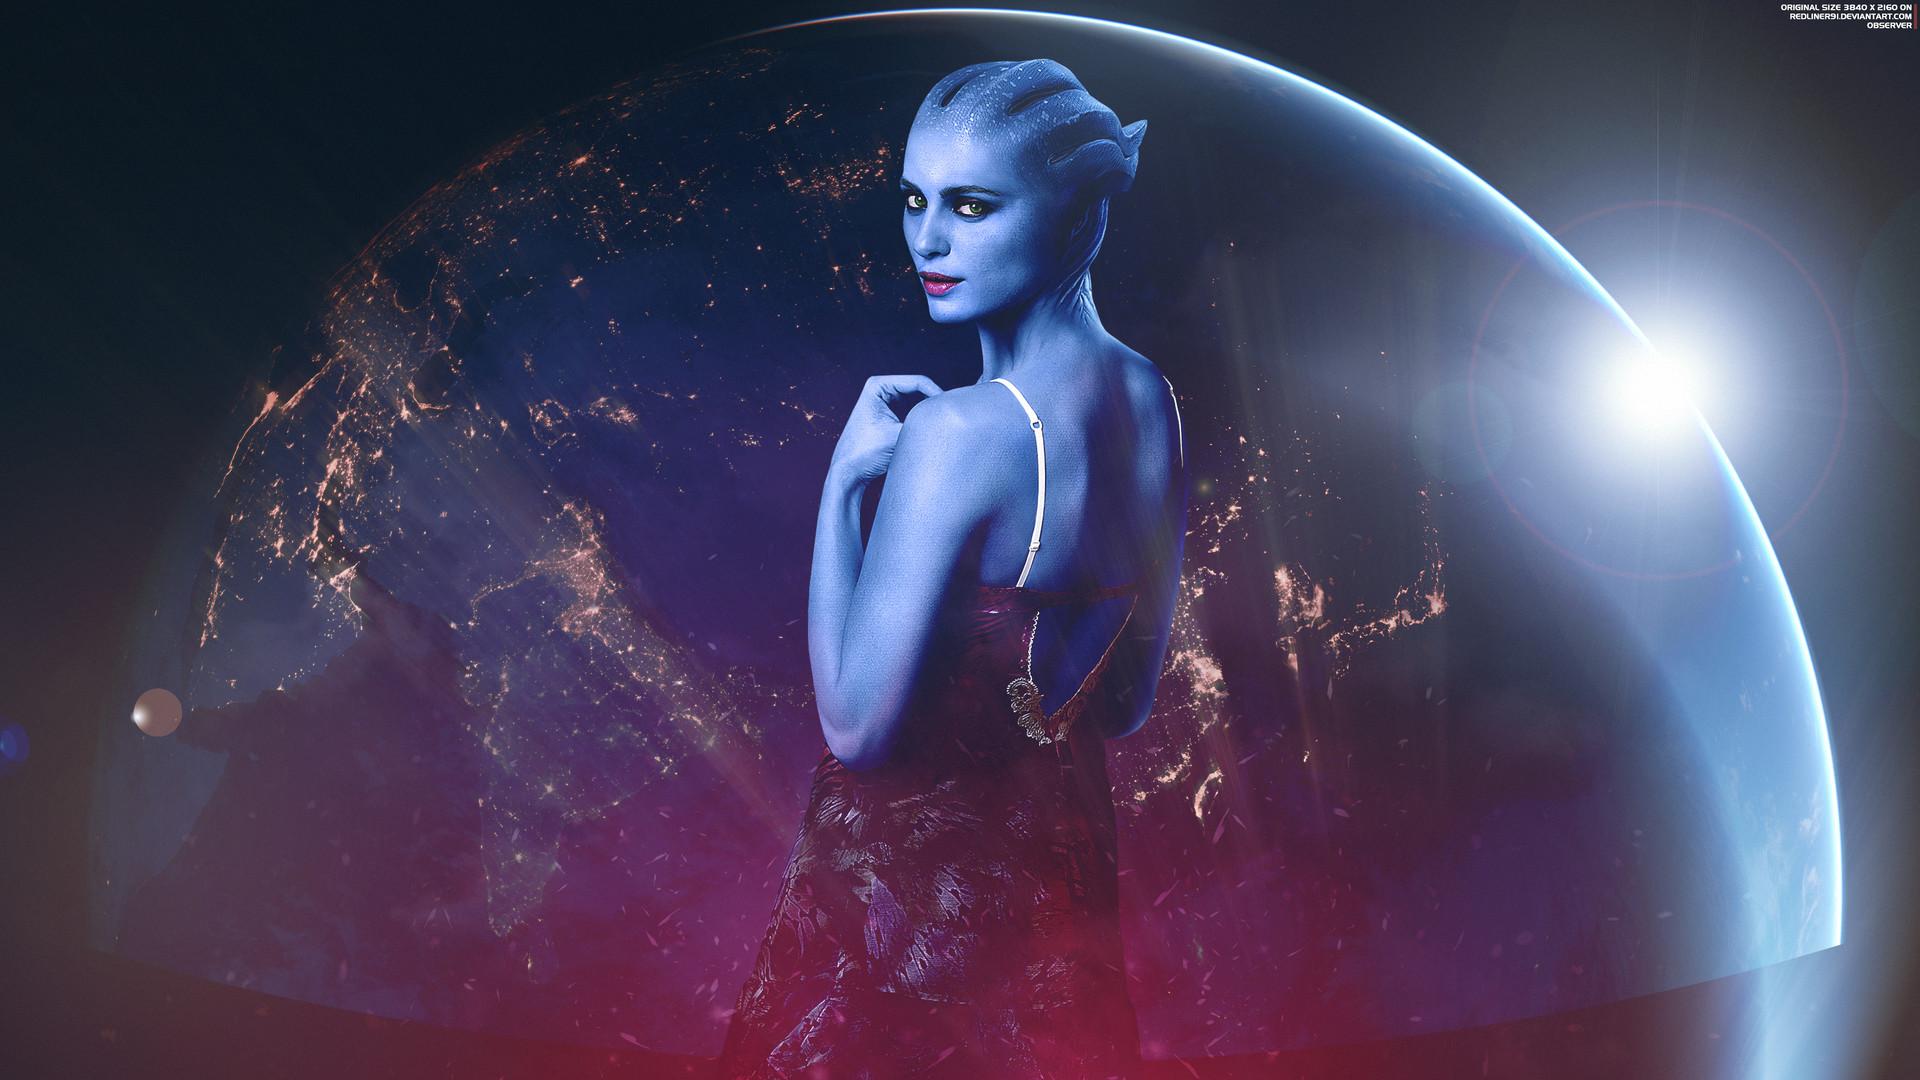 Observer - Mass Effect Wallpaper 4K